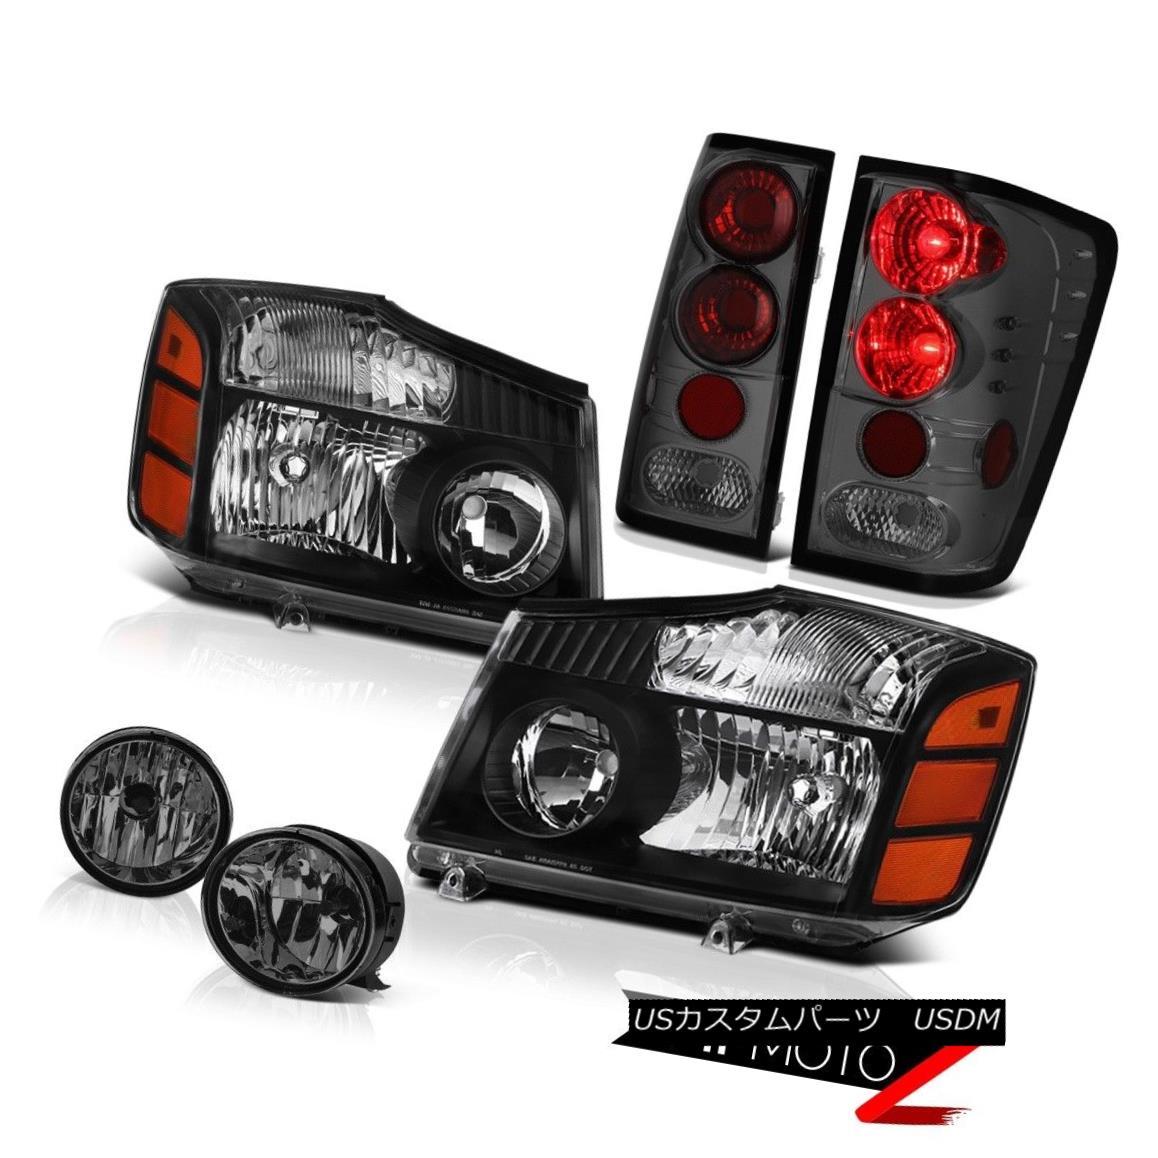 ヘッドライト For 2004-2015 Titan 4X4 Black Headlight Headlamp Smoked Tail Light Bumper Fog 2004年?2015年タイタン4X4ブラックヘッドライトヘッドランプスモークテールライトバンパーフォグ